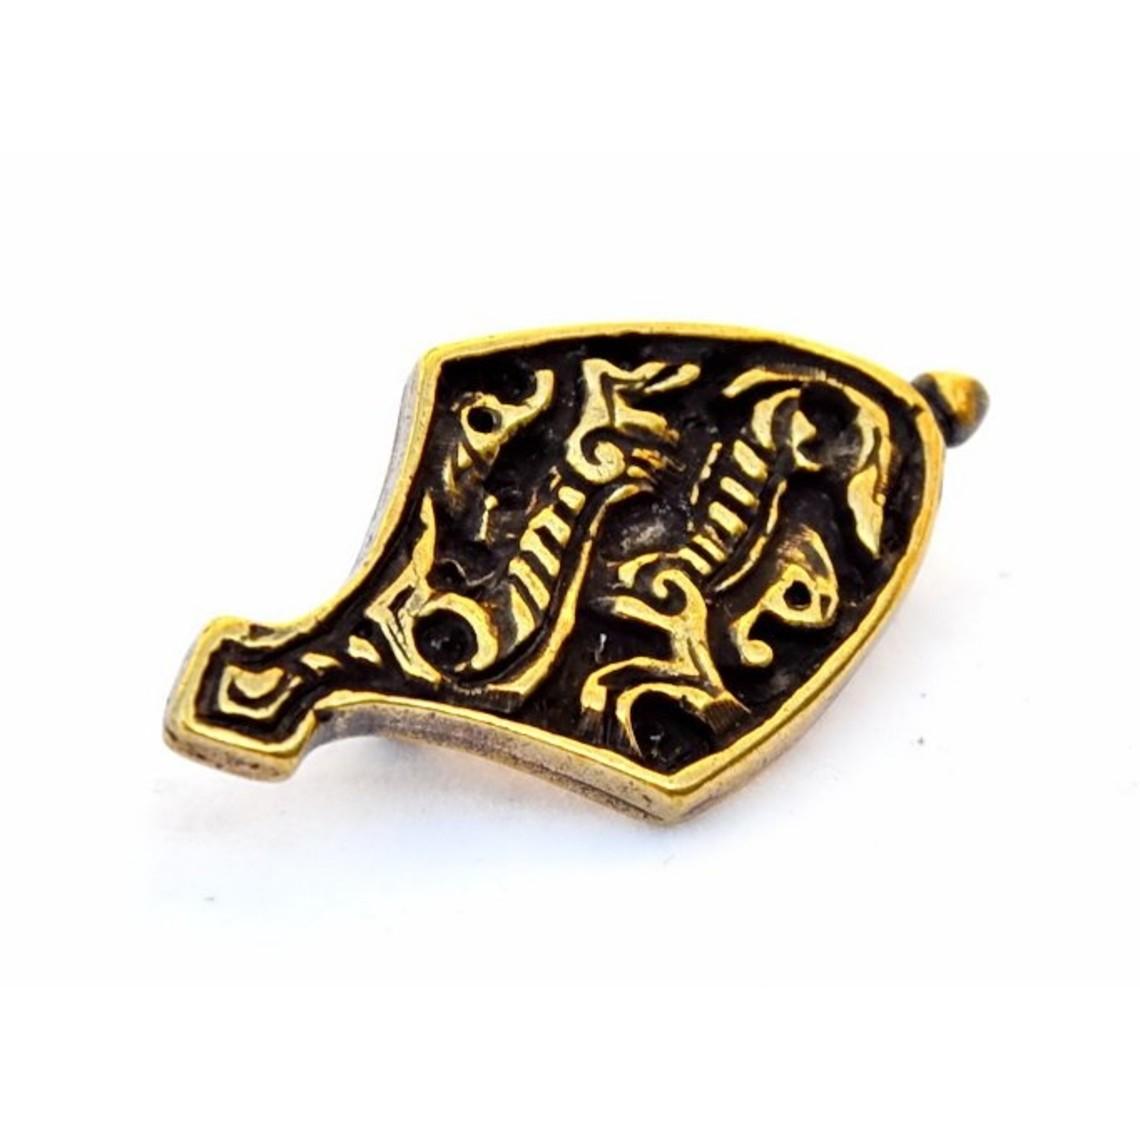 el extremo del cinturón de cinta animales, color bronce